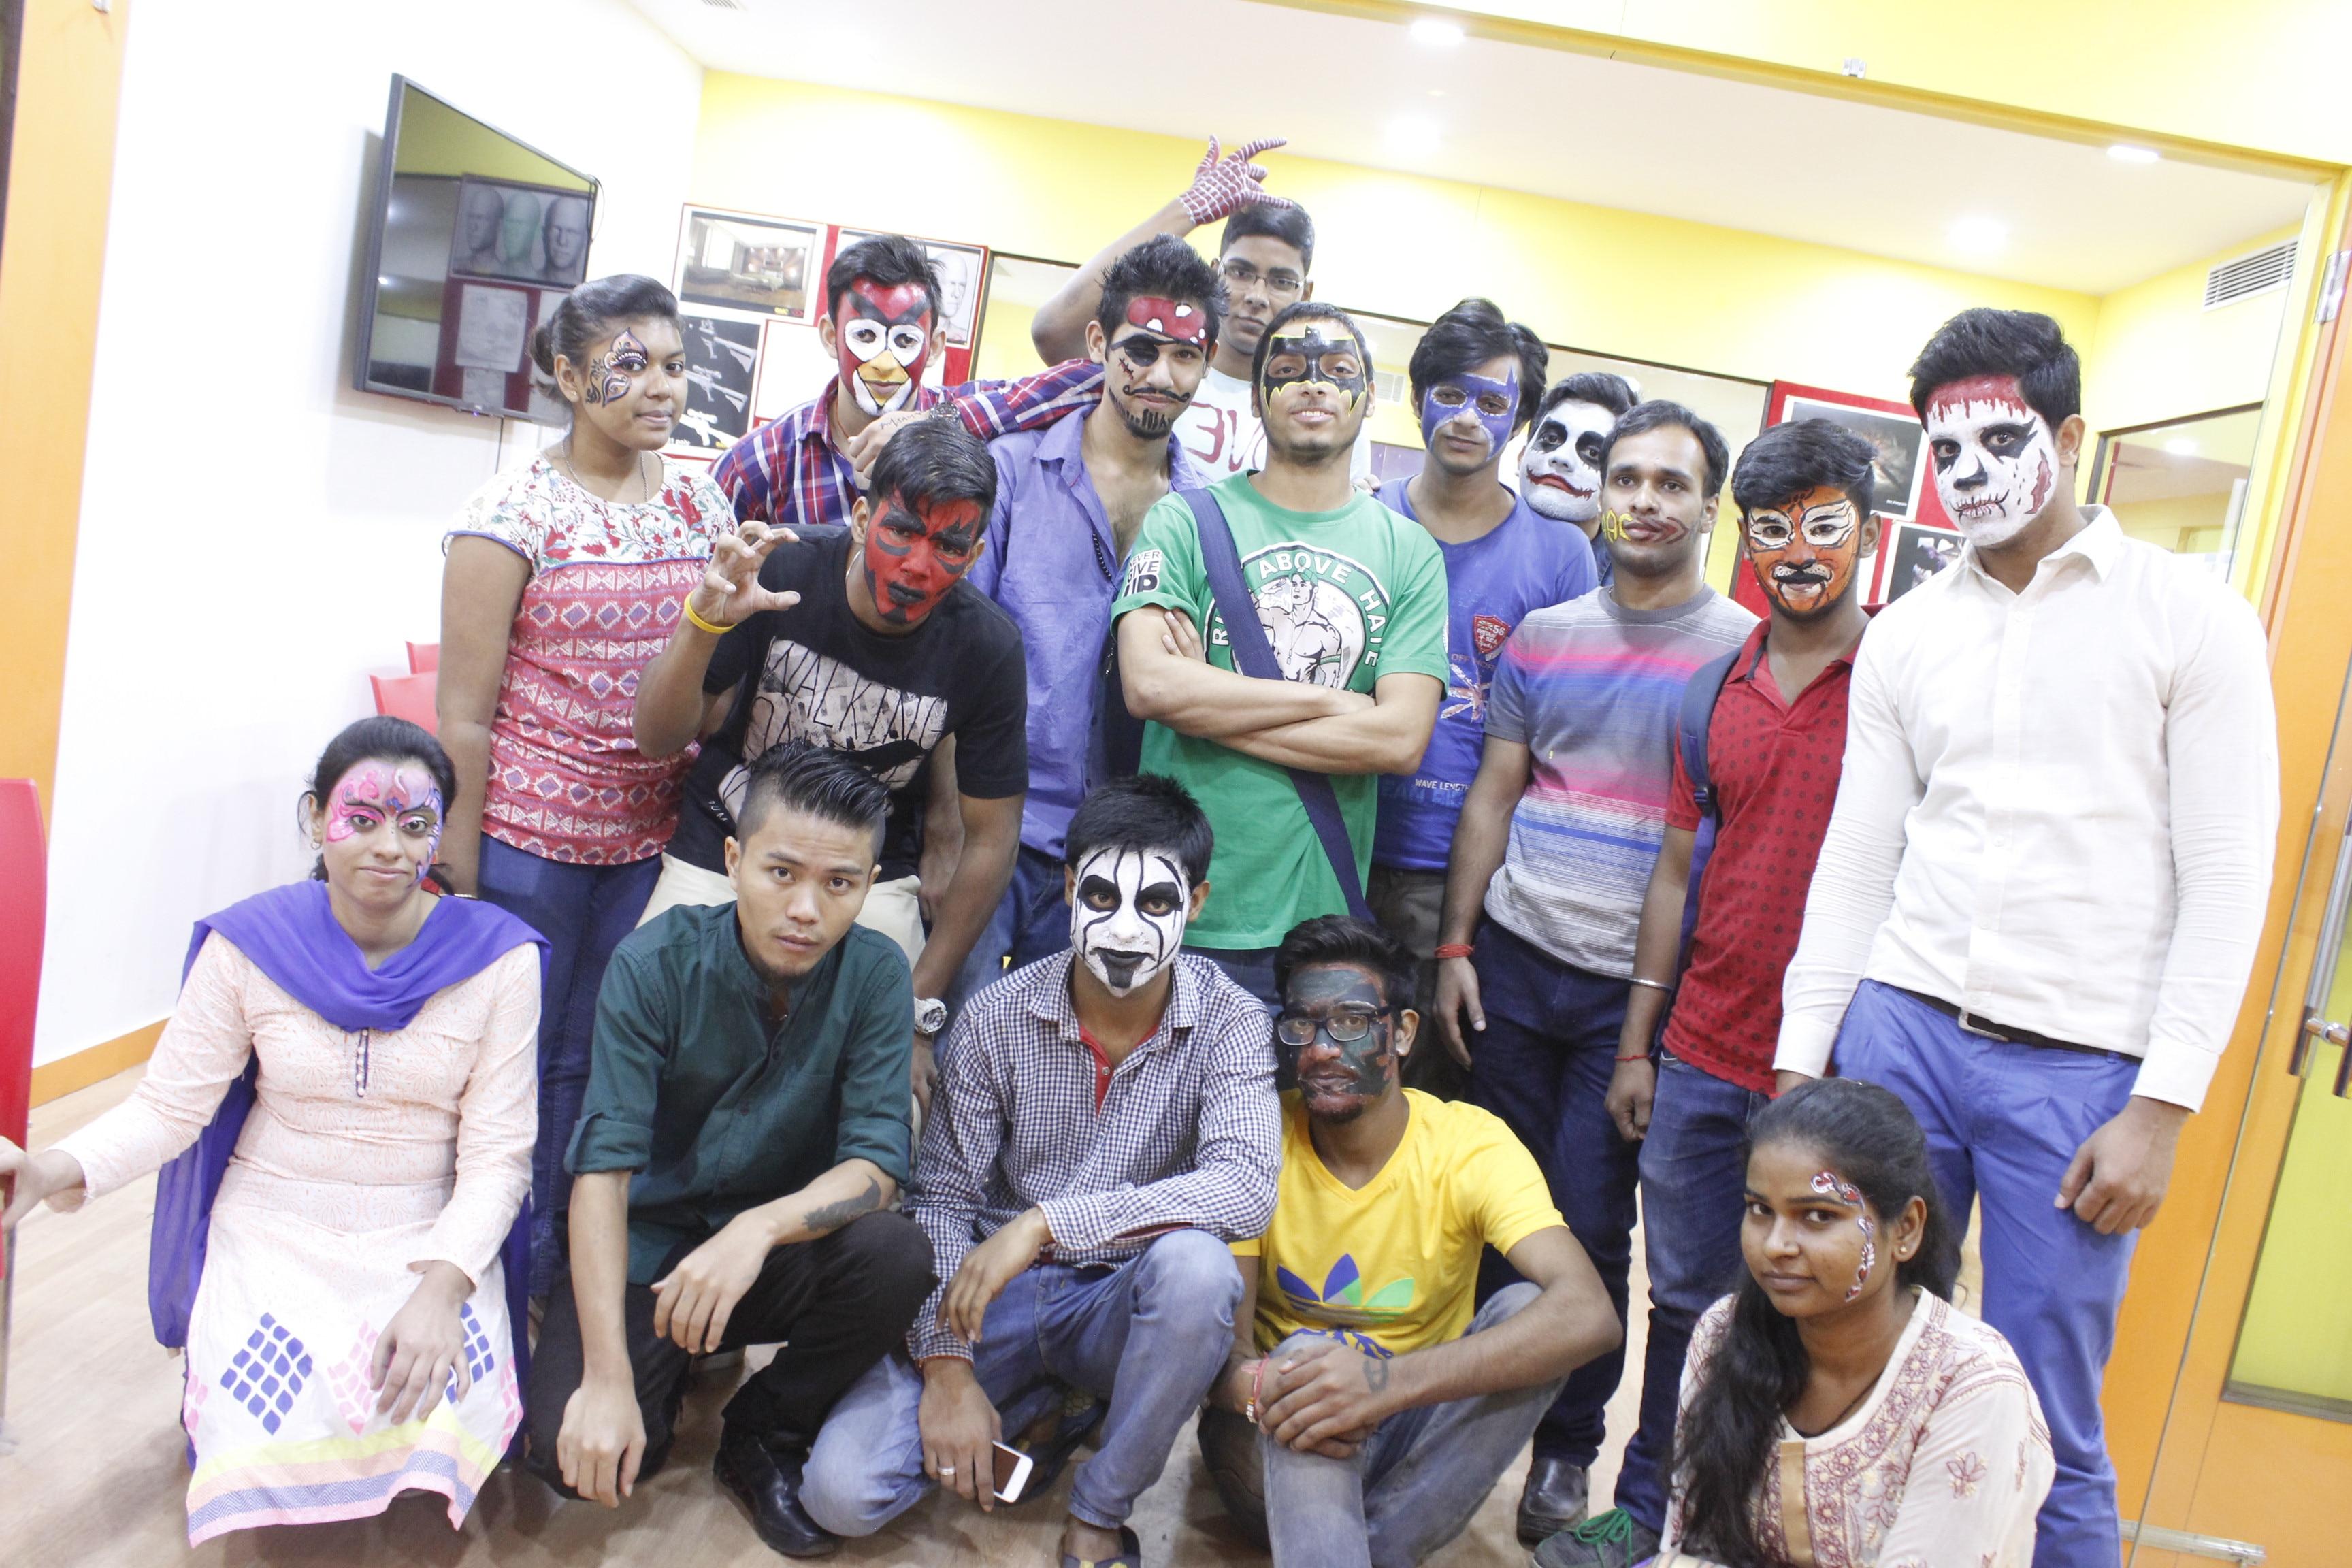 Maac Institute in Delhi,  Best Maac institute in Delhi Best maac Institute in India,  Website designing courses in Delhi,  Best Animation courses in South Extension,  Best Animation Institute in East Delhi,